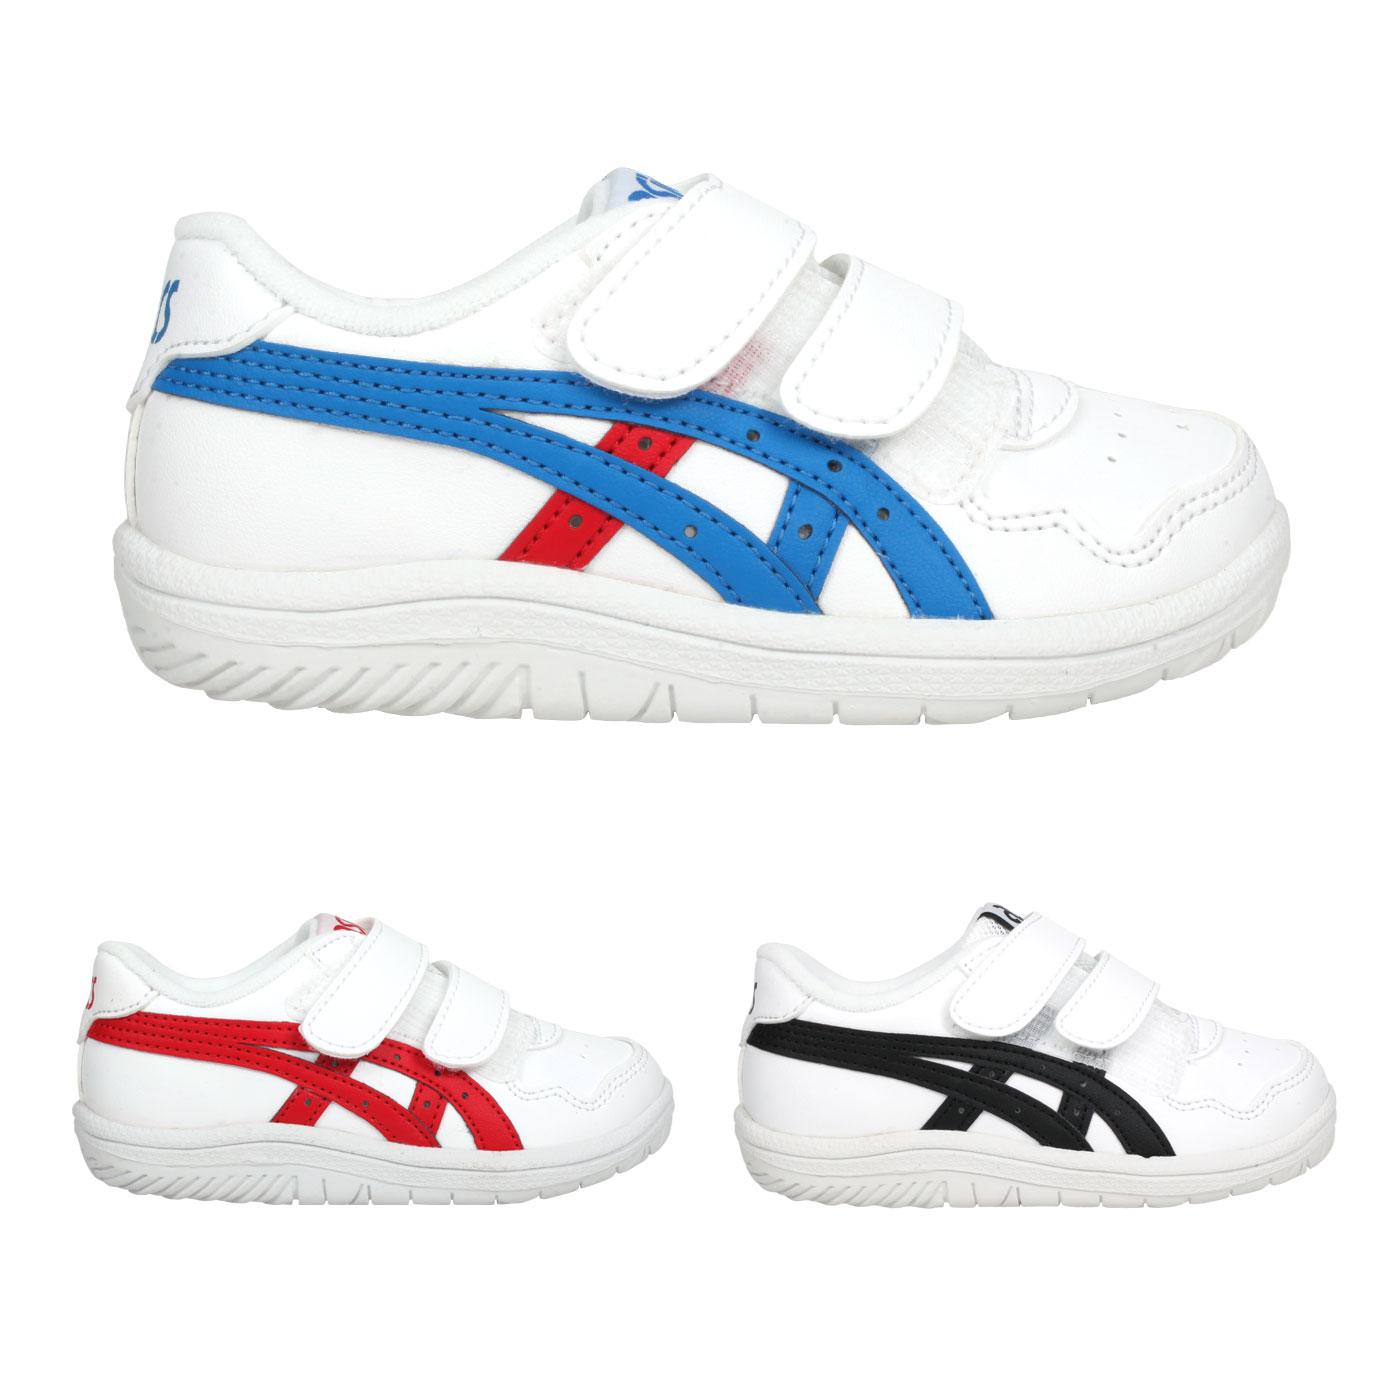 ASICS 小童休閒運動鞋  @JAPAN S TS@1194A082-139